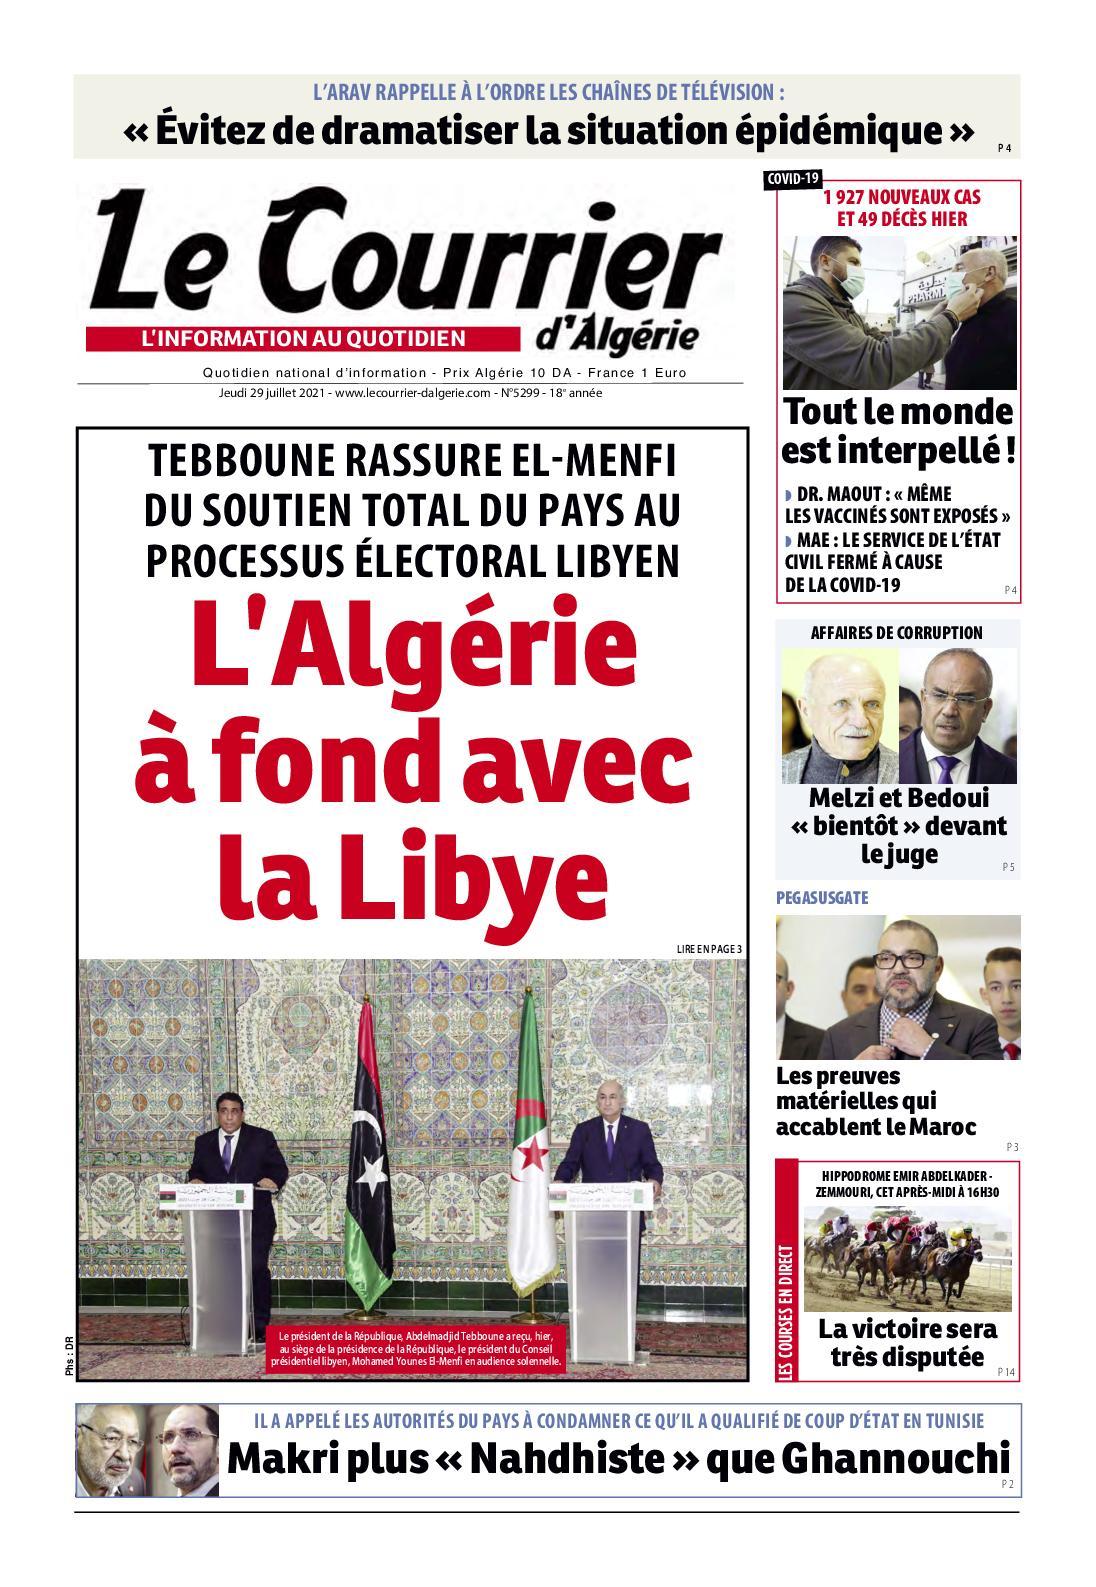 Le Courrier d'Algérie du jeudi 29 juillet 2021